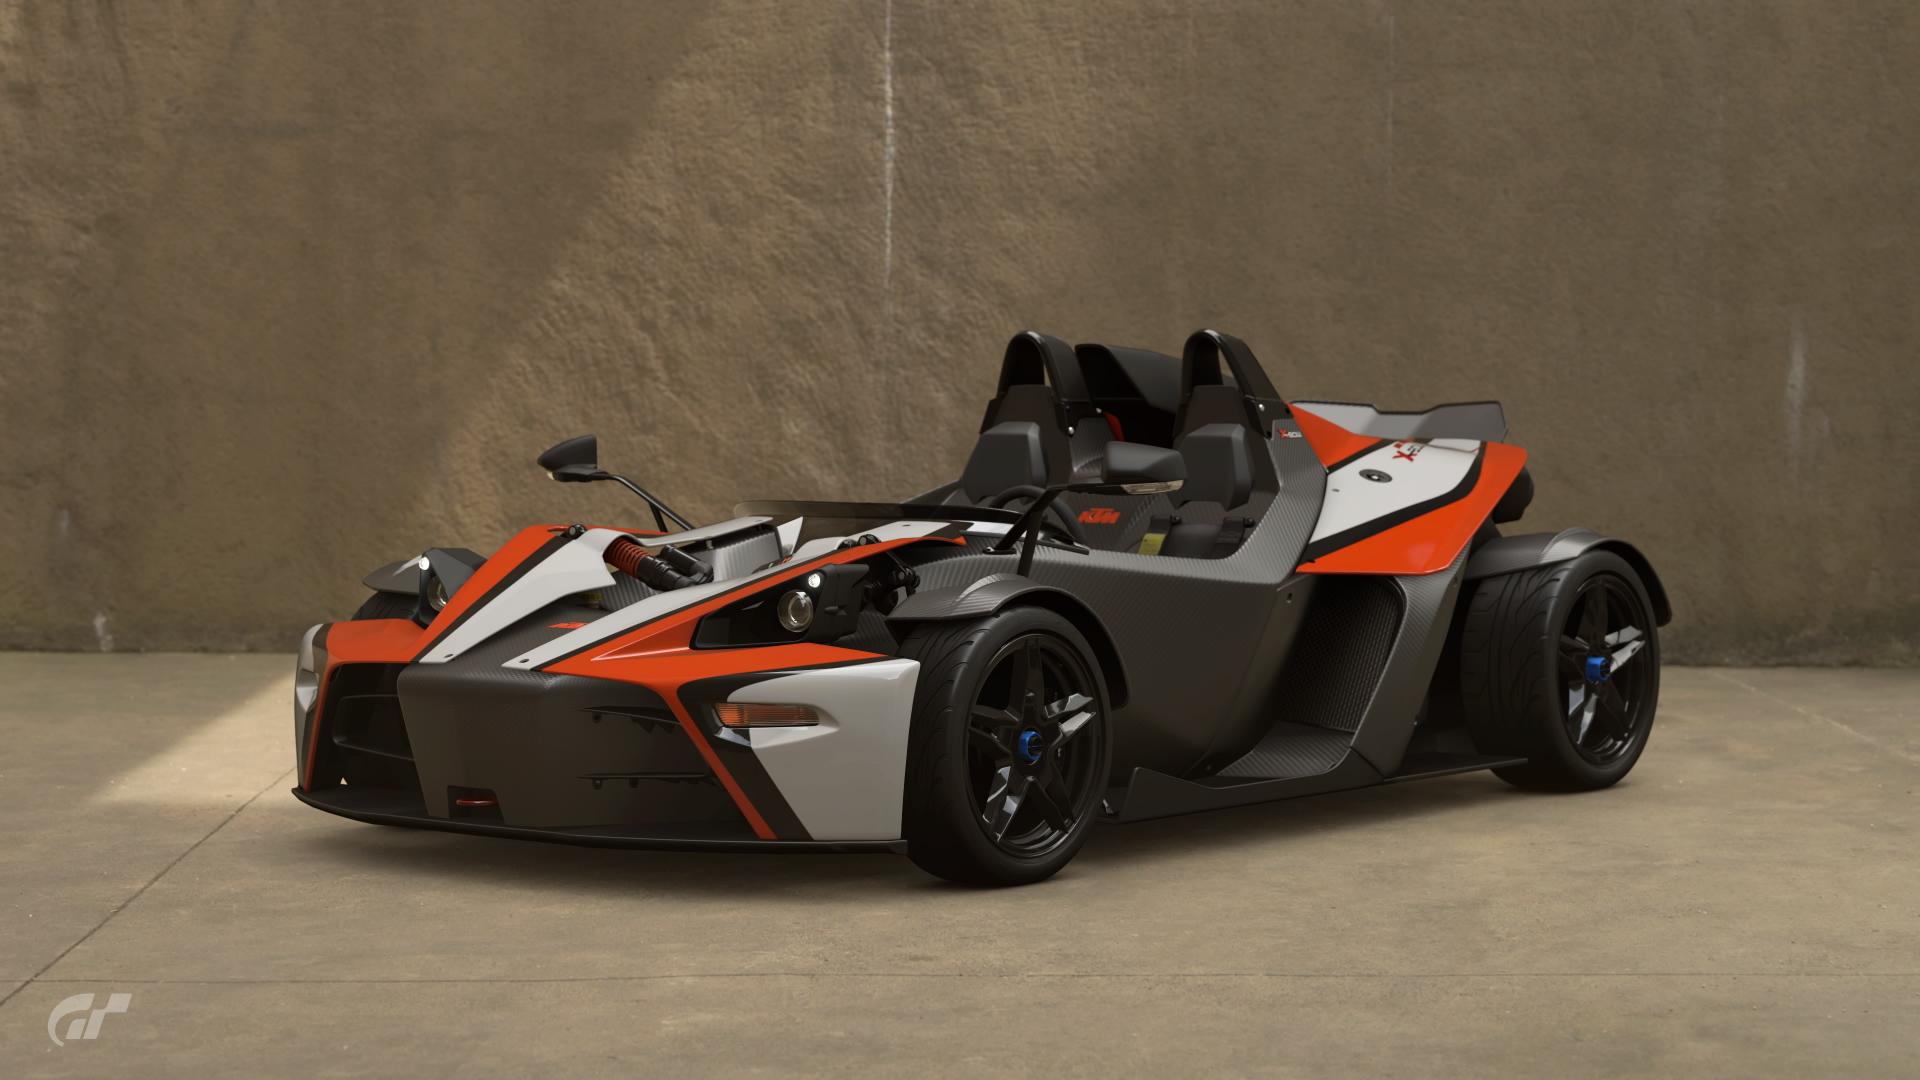 Ktm X Bow R 12 Gran Turismo Wiki Fandom Powered By Wikia